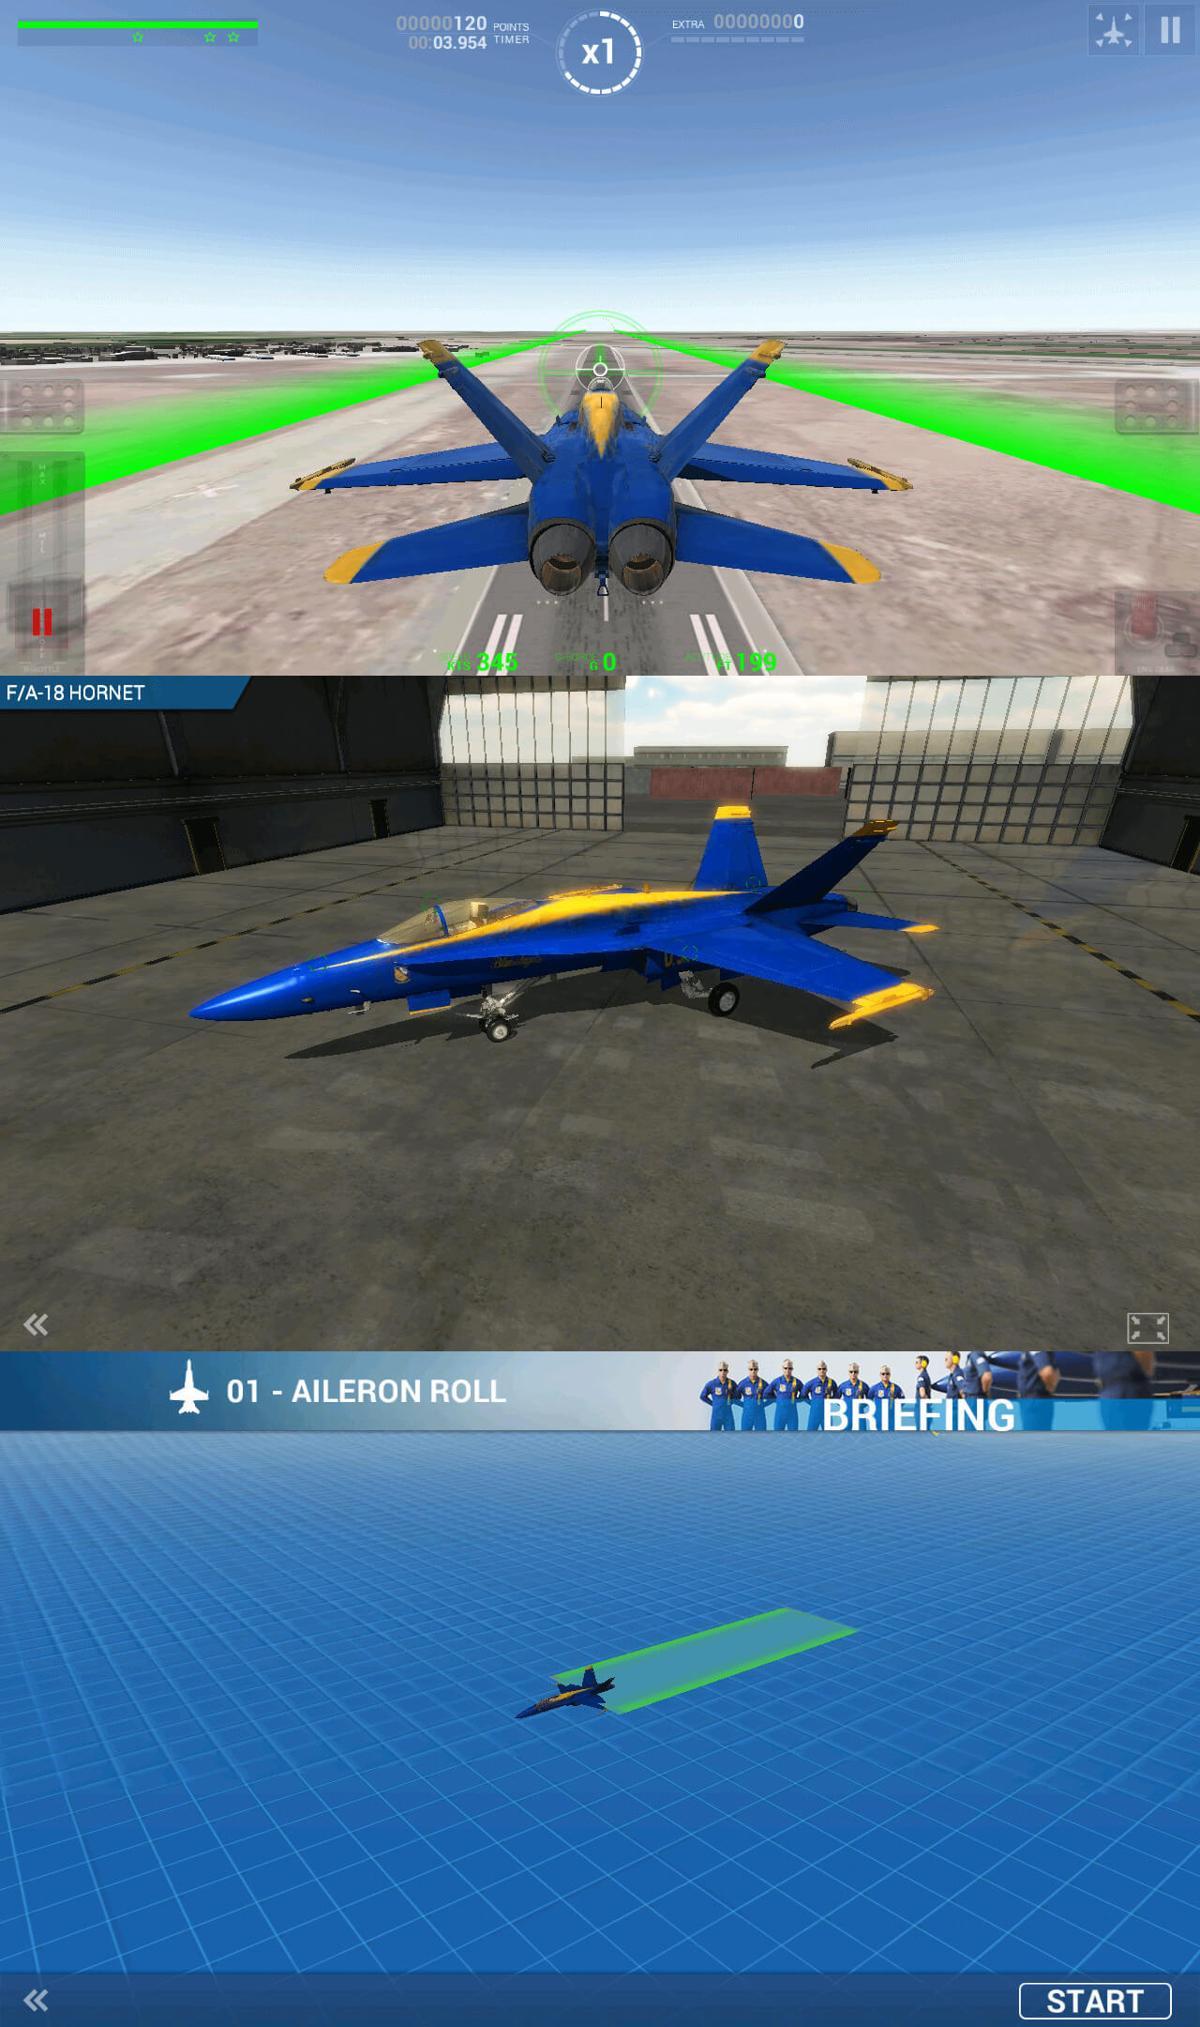 安卓手机飞行游戏 蓝色天使特技飞行-云奇网